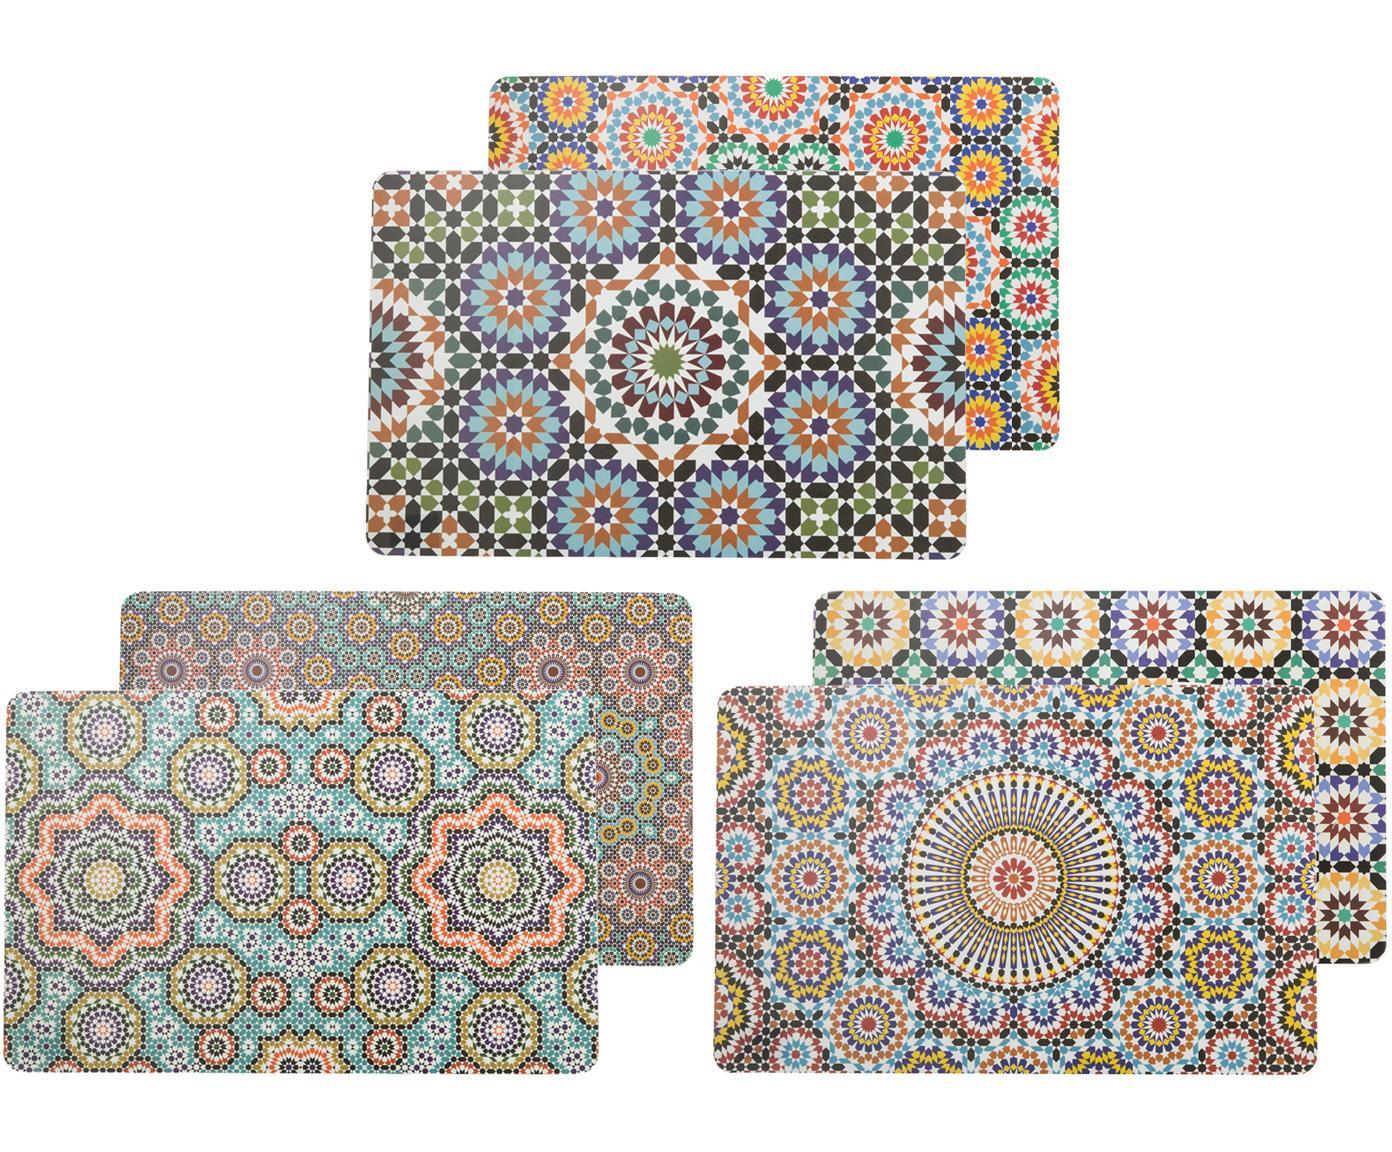 Kunststoffen placemats Marrakech Doubleface, 6-delig, Kunststof, Multicolour, 30 x 45 cm